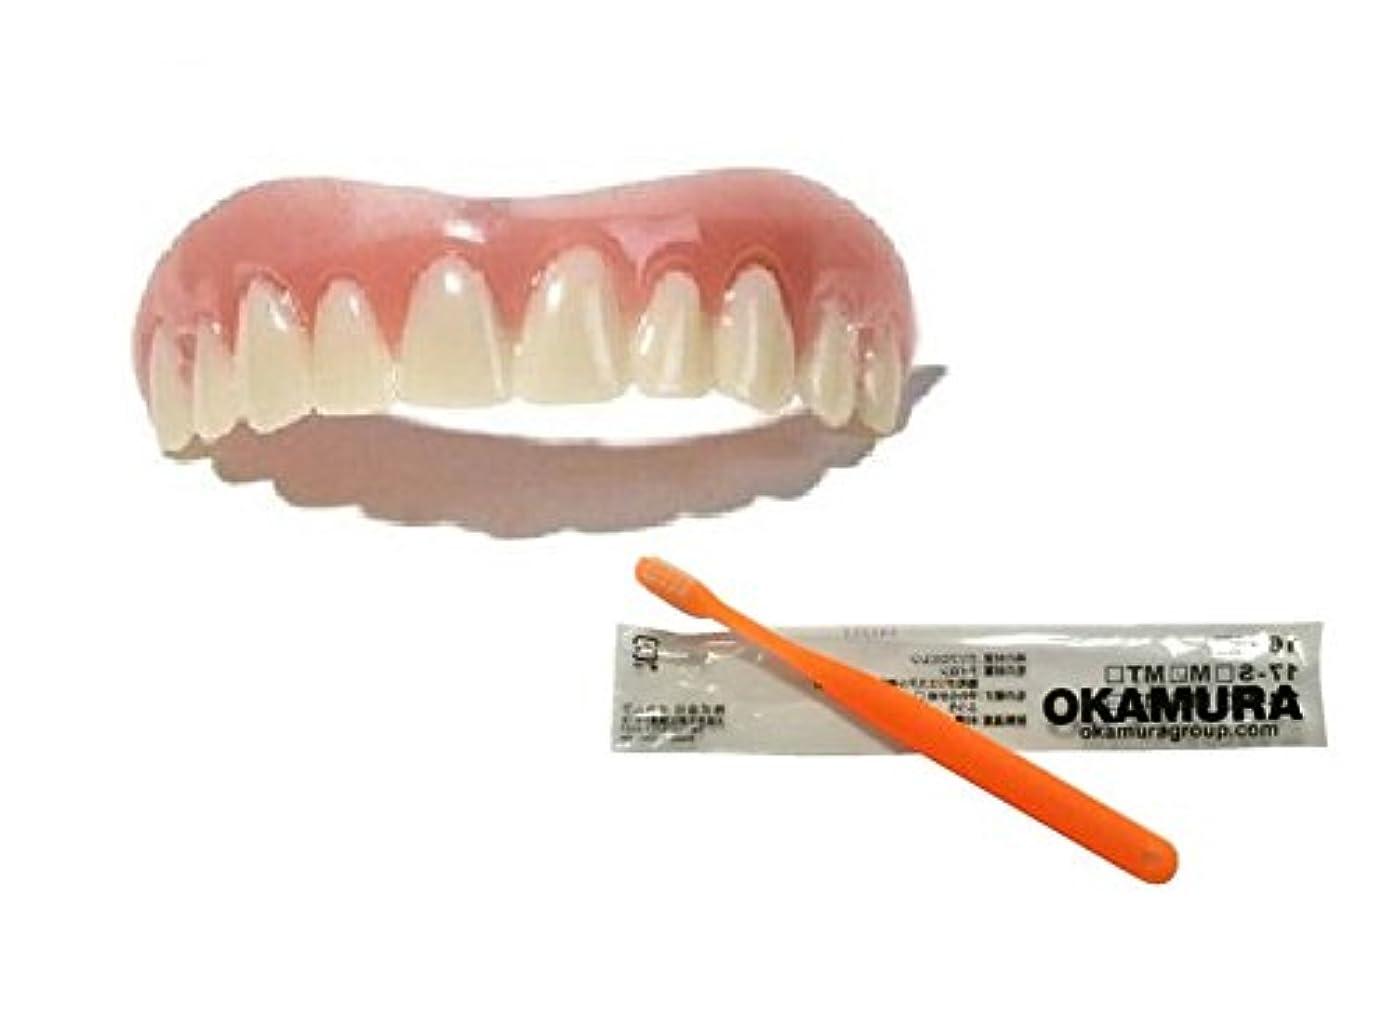 告白する反対にほこりっぽいインスタントスマイル 上歯用 Mサイズ + OKAMURA 歯科医推奨歯ブラシ セット